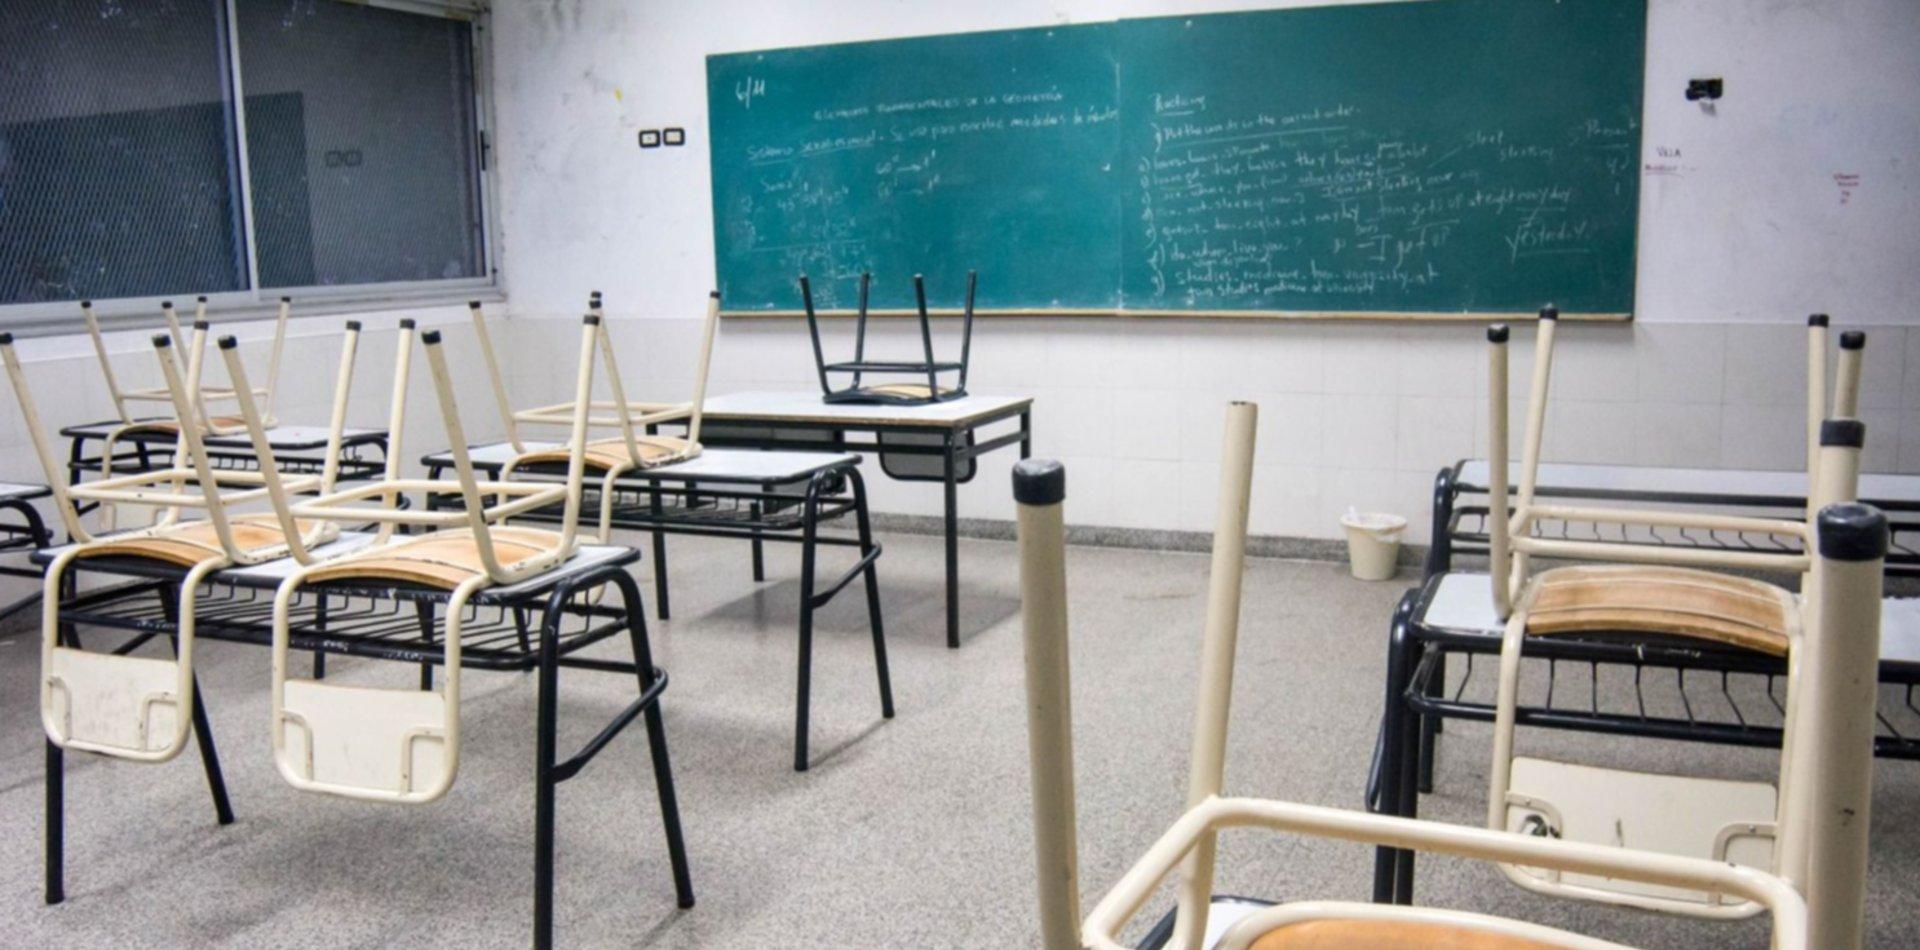 Suspenden las clases en un colegio de La Plata hasta el 25 de abril